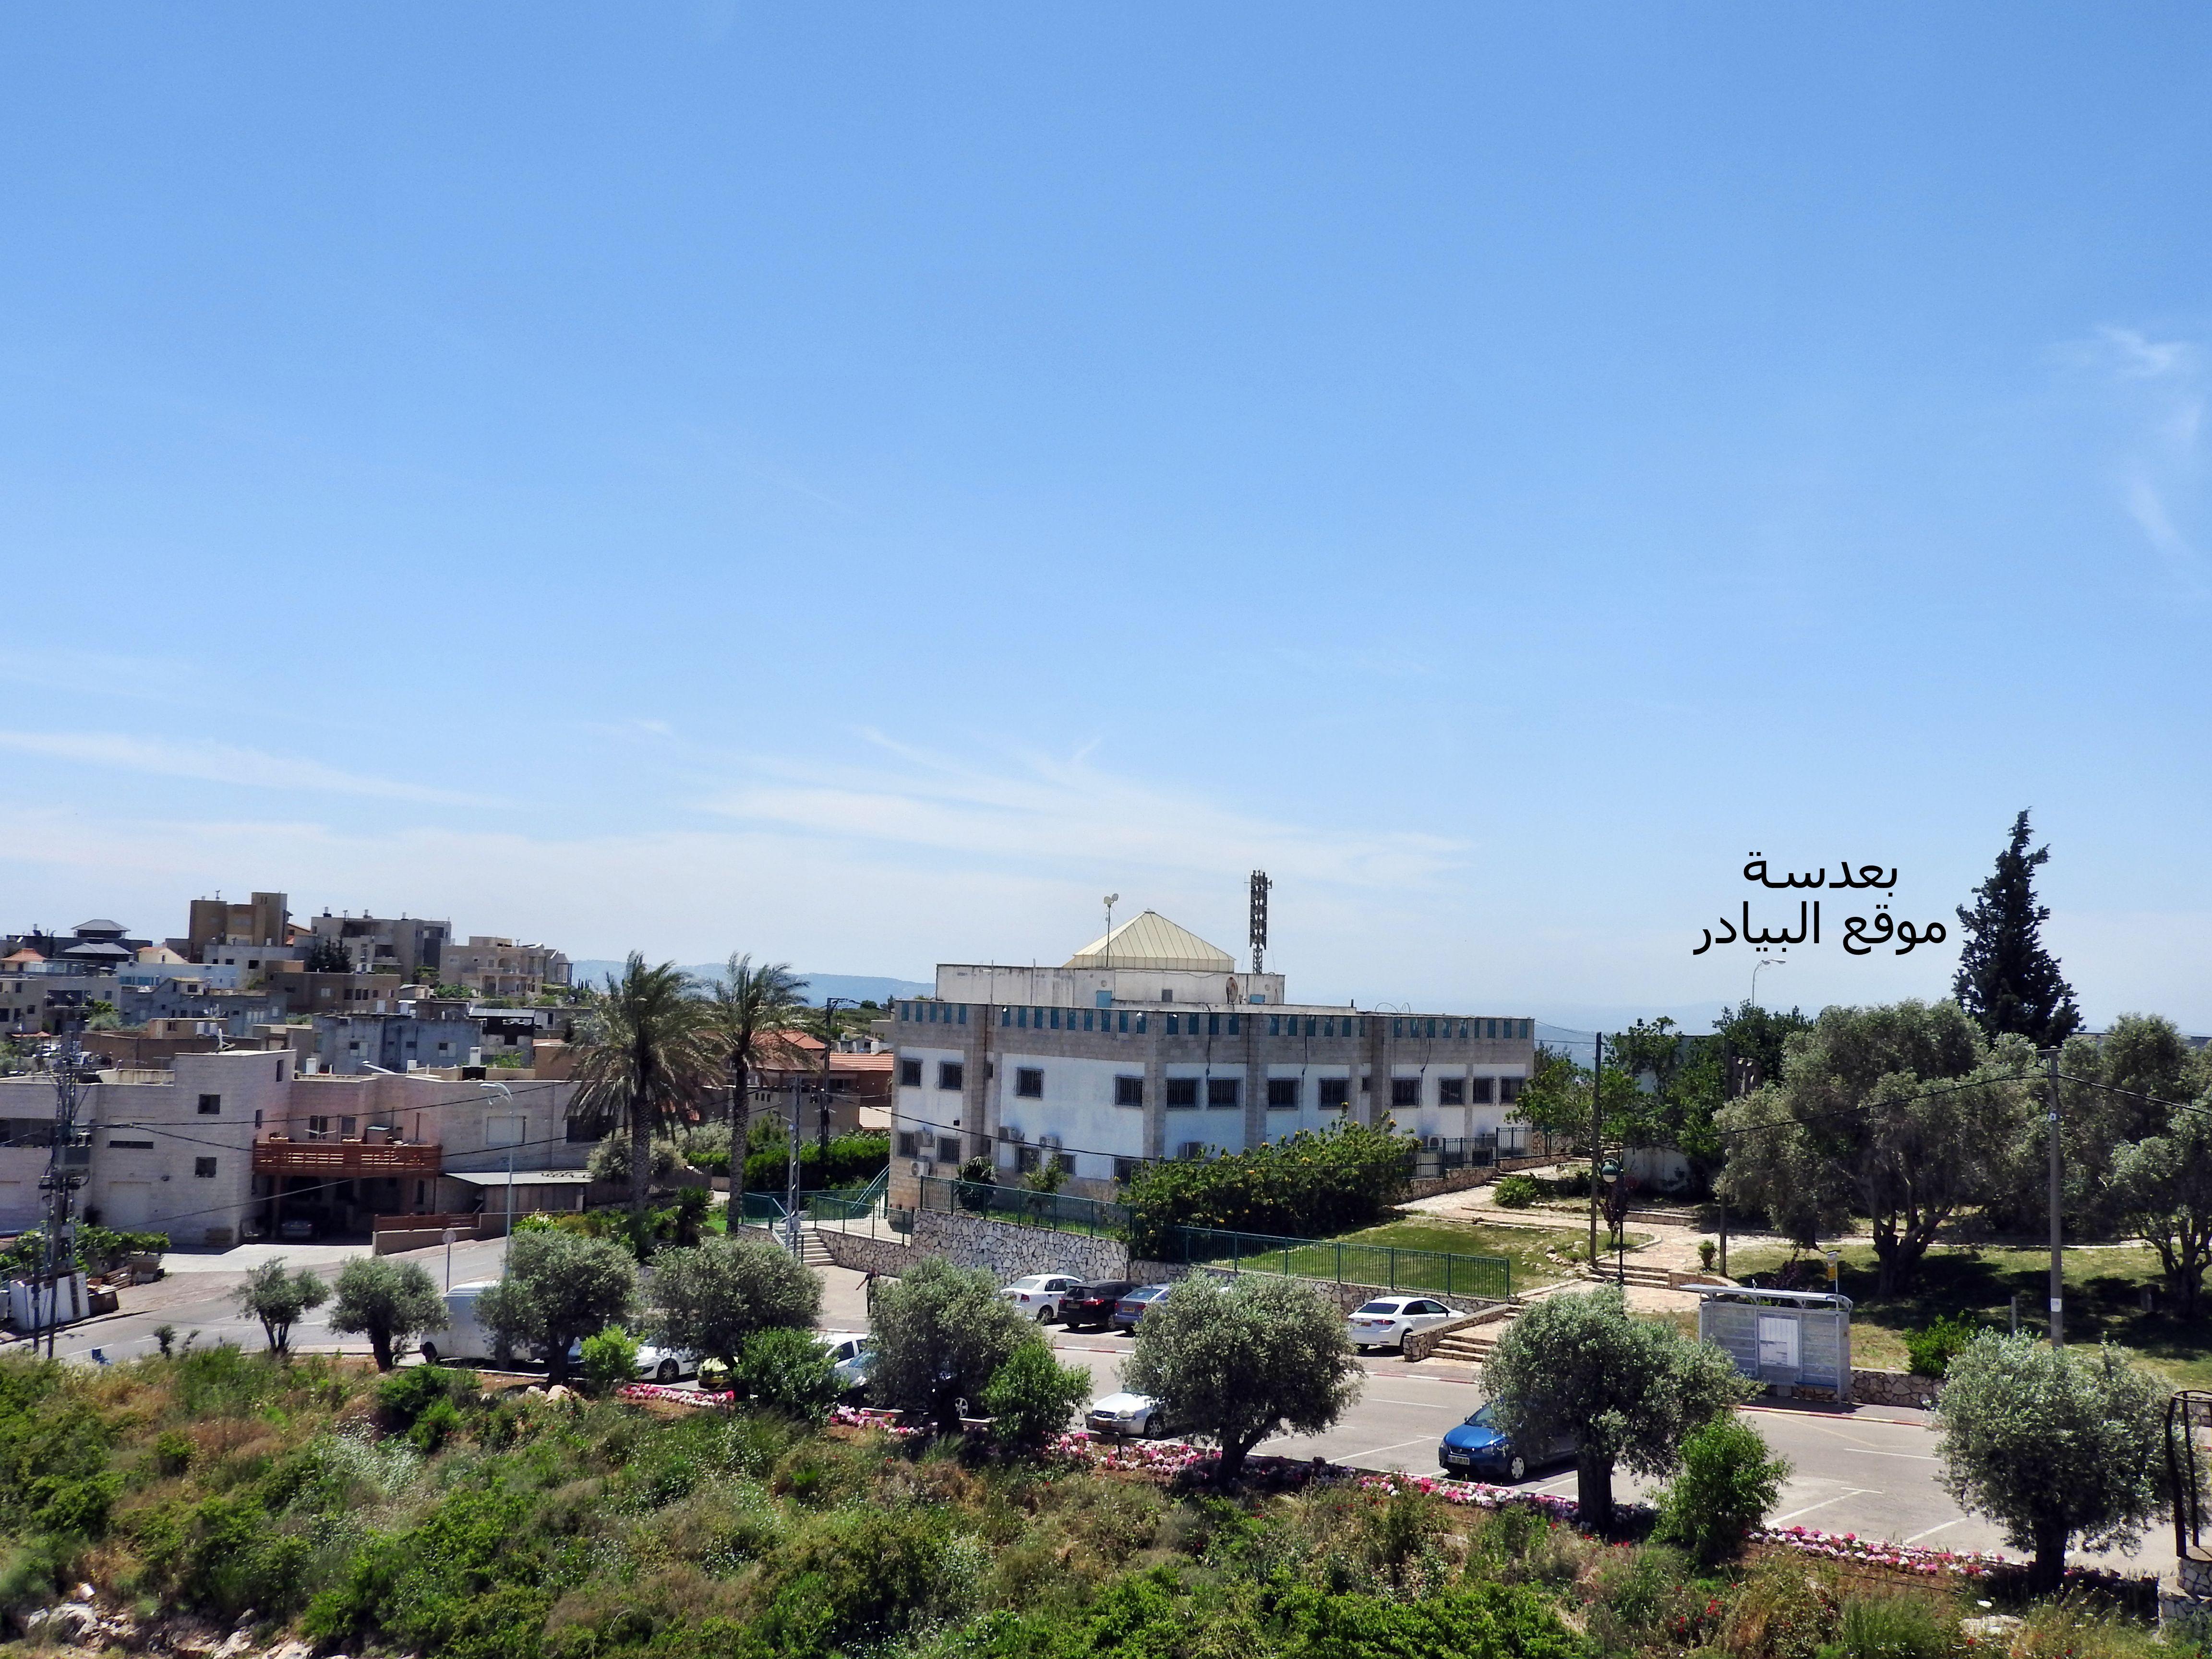 مجلس كوكب أبو الهيجاء المحلي:نستنكر ونشجب تعرض بيت الحاج  عبدالله أبو الهيجاء لإطلاق النار